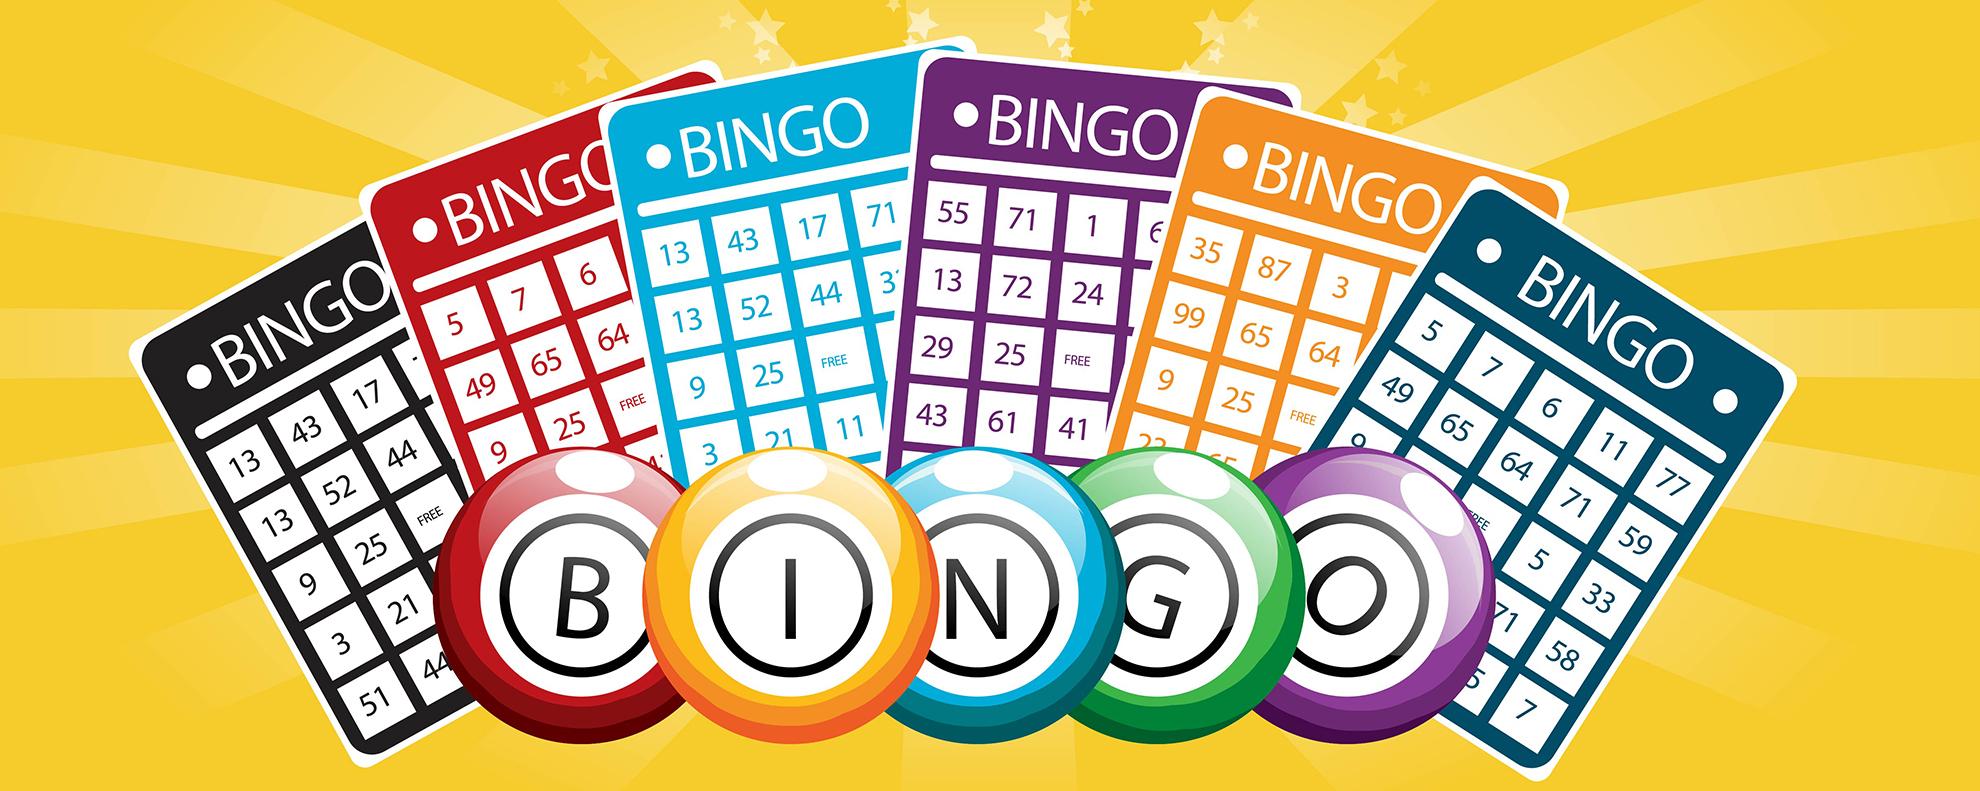 Bingo Hotline